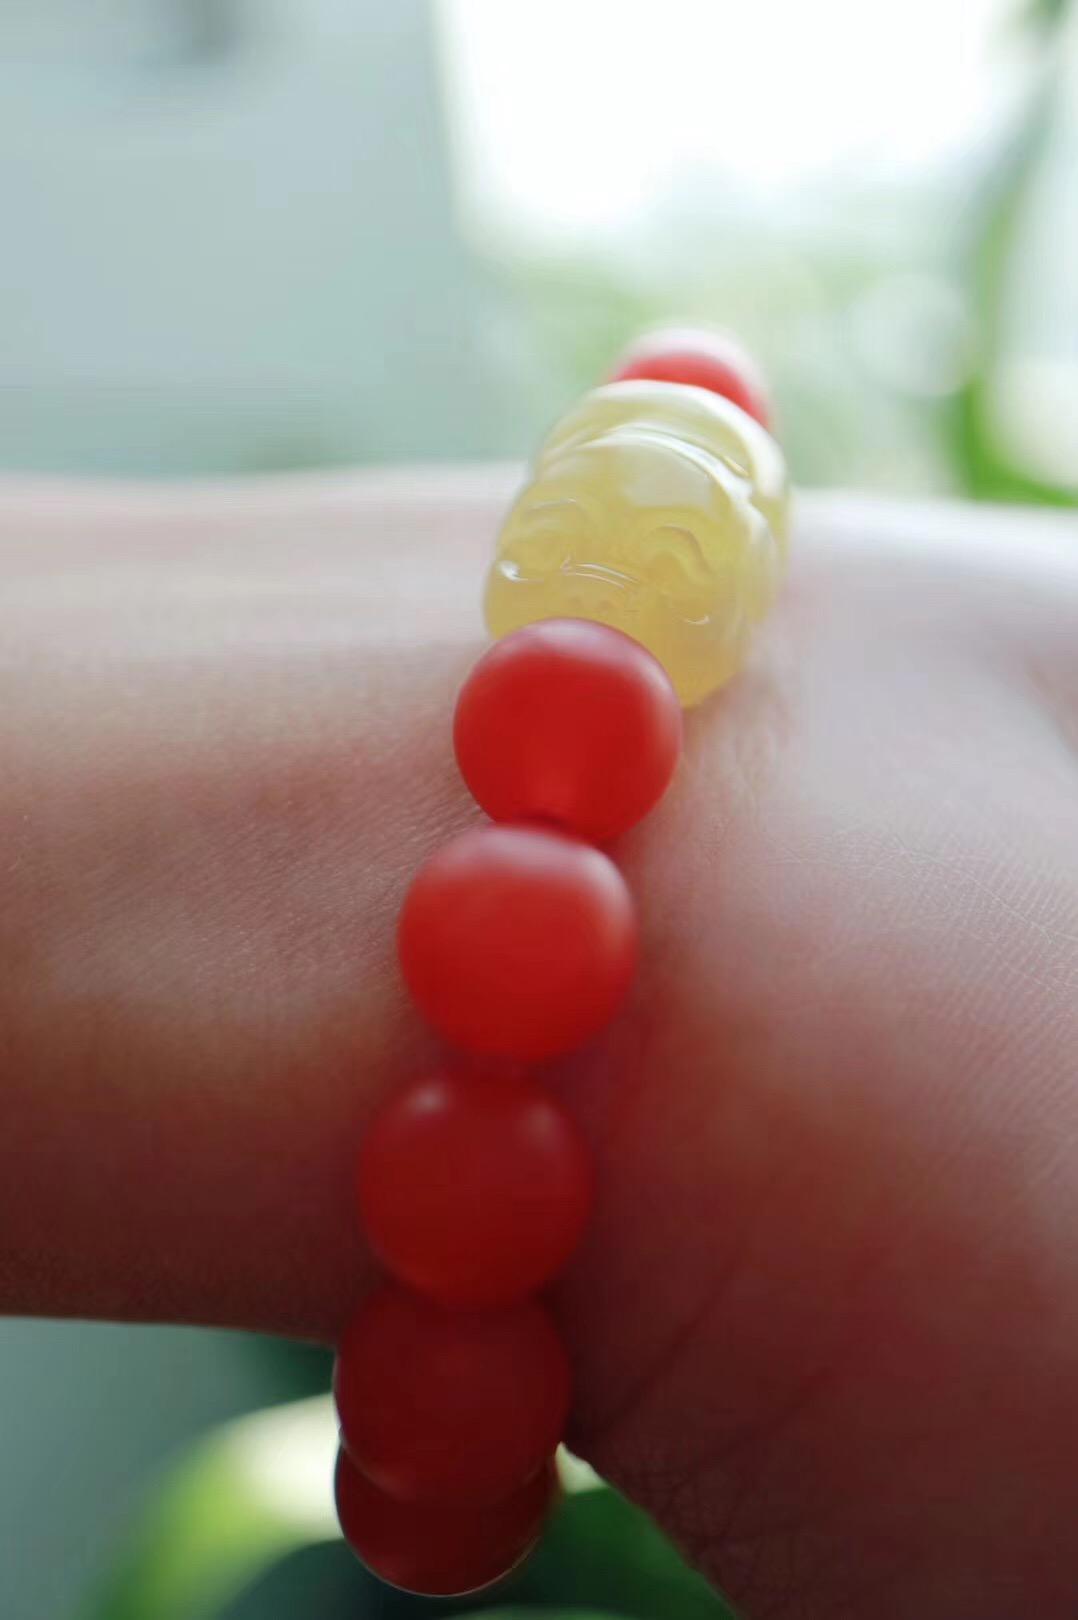 【菩心保山南红 | 蜜蜡🐷】南红体如凝脂,温润细腻,是众多玉石中的佼佼者-菩心晶舍